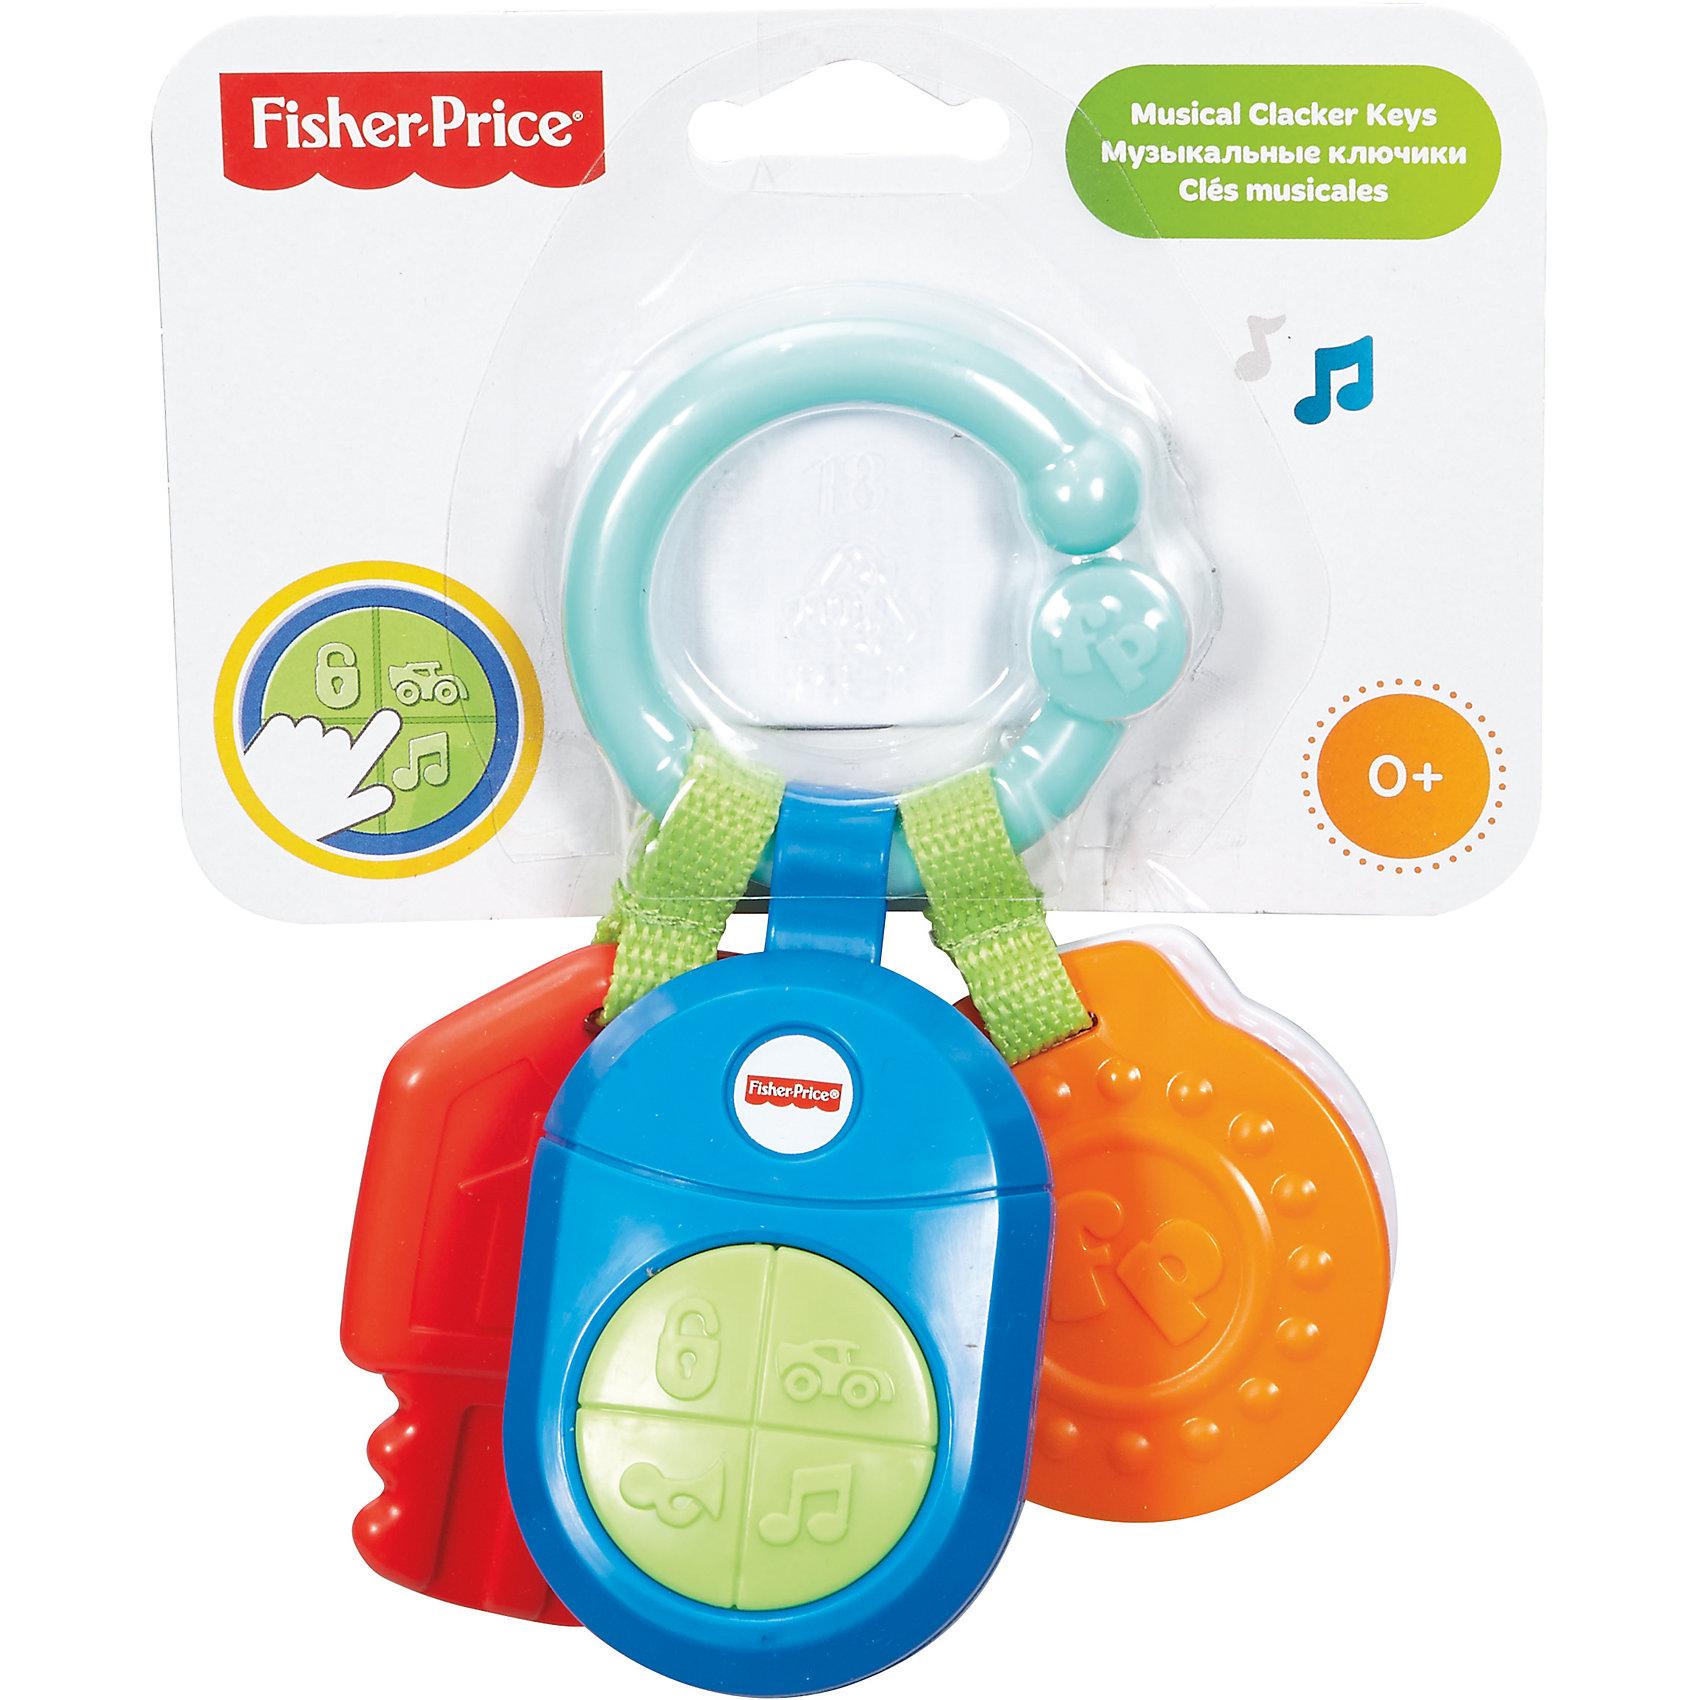 Прорезыватель - ключики, Fisher-PriceПрорезыватель - ключики от Fisher-Price (Фишер-Прайс) может малышам научиться различать цвета. На колечке - три прорезывателя, по форме напоминающие ключи (автомобильные и для дверей). Такие предметы привлекают внимание малышей и занимают их. <br>Прорезыватель - ключики от Fisher-Price (Фишер-Прайс) поможет ребенку  тренировать мелкую моторику благодаря рельефной поверхности. Предметы сделаны из высококачественных, легких и безопасных для малышей материалов. <br><br>Особенности товара:<br><br>комплектация: ключики и кольцо;<br>размер упаковки: 16х16х7 см;<br>вес: 0.25 кг;<br>материал: пластик.<br><br>Телефон музыкальный от бренда Fisher-Price (Фишер-Прайс) можно купить в нашем магазине.<br><br>Ширина мм: 173<br>Глубина мм: 142<br>Высота мм: 40<br>Вес г: 139<br>Возраст от месяцев: 0<br>Возраст до месяцев: 12<br>Пол: Унисекс<br>Возраст: Детский<br>SKU: 4375586